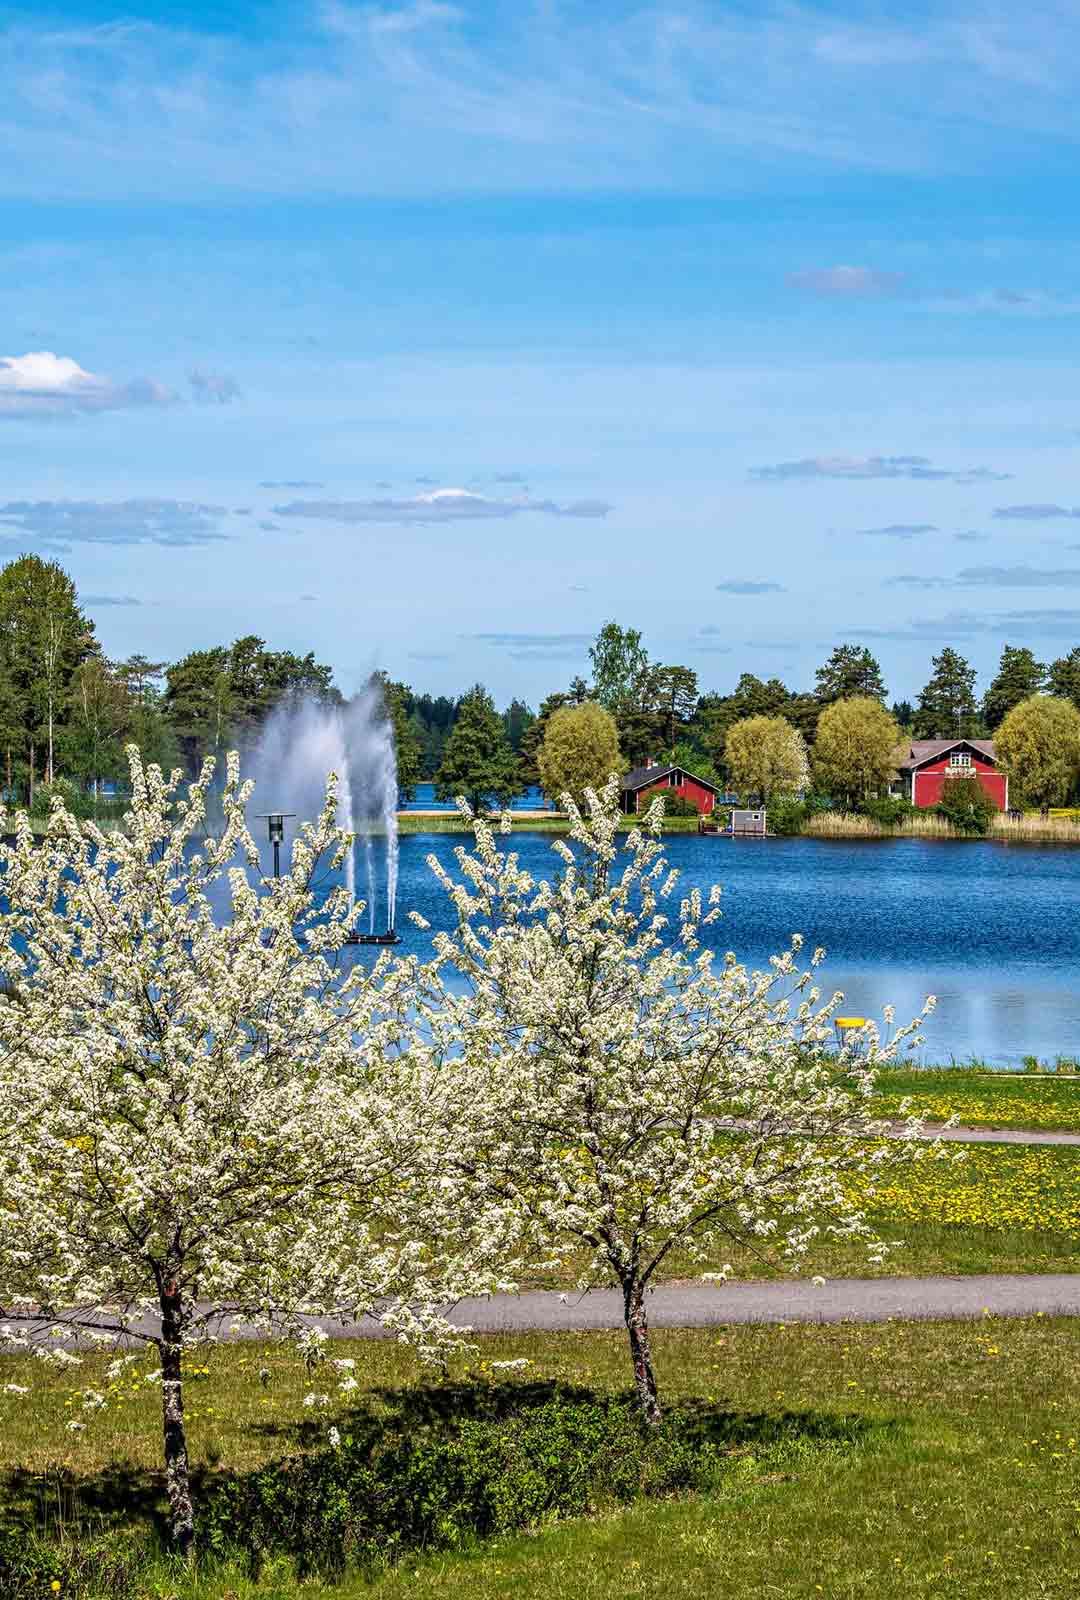 Pyhäveden lahti ulottuu aivan Mäntyharjun keskustaan saakka. Moni kesäasukas käyttääkin kylälle saapumiseen mieluummin venettä kuin autoa. Mäntyharju kuuluu Suomen suosituimpien kesämökkikuntien joukkoon.